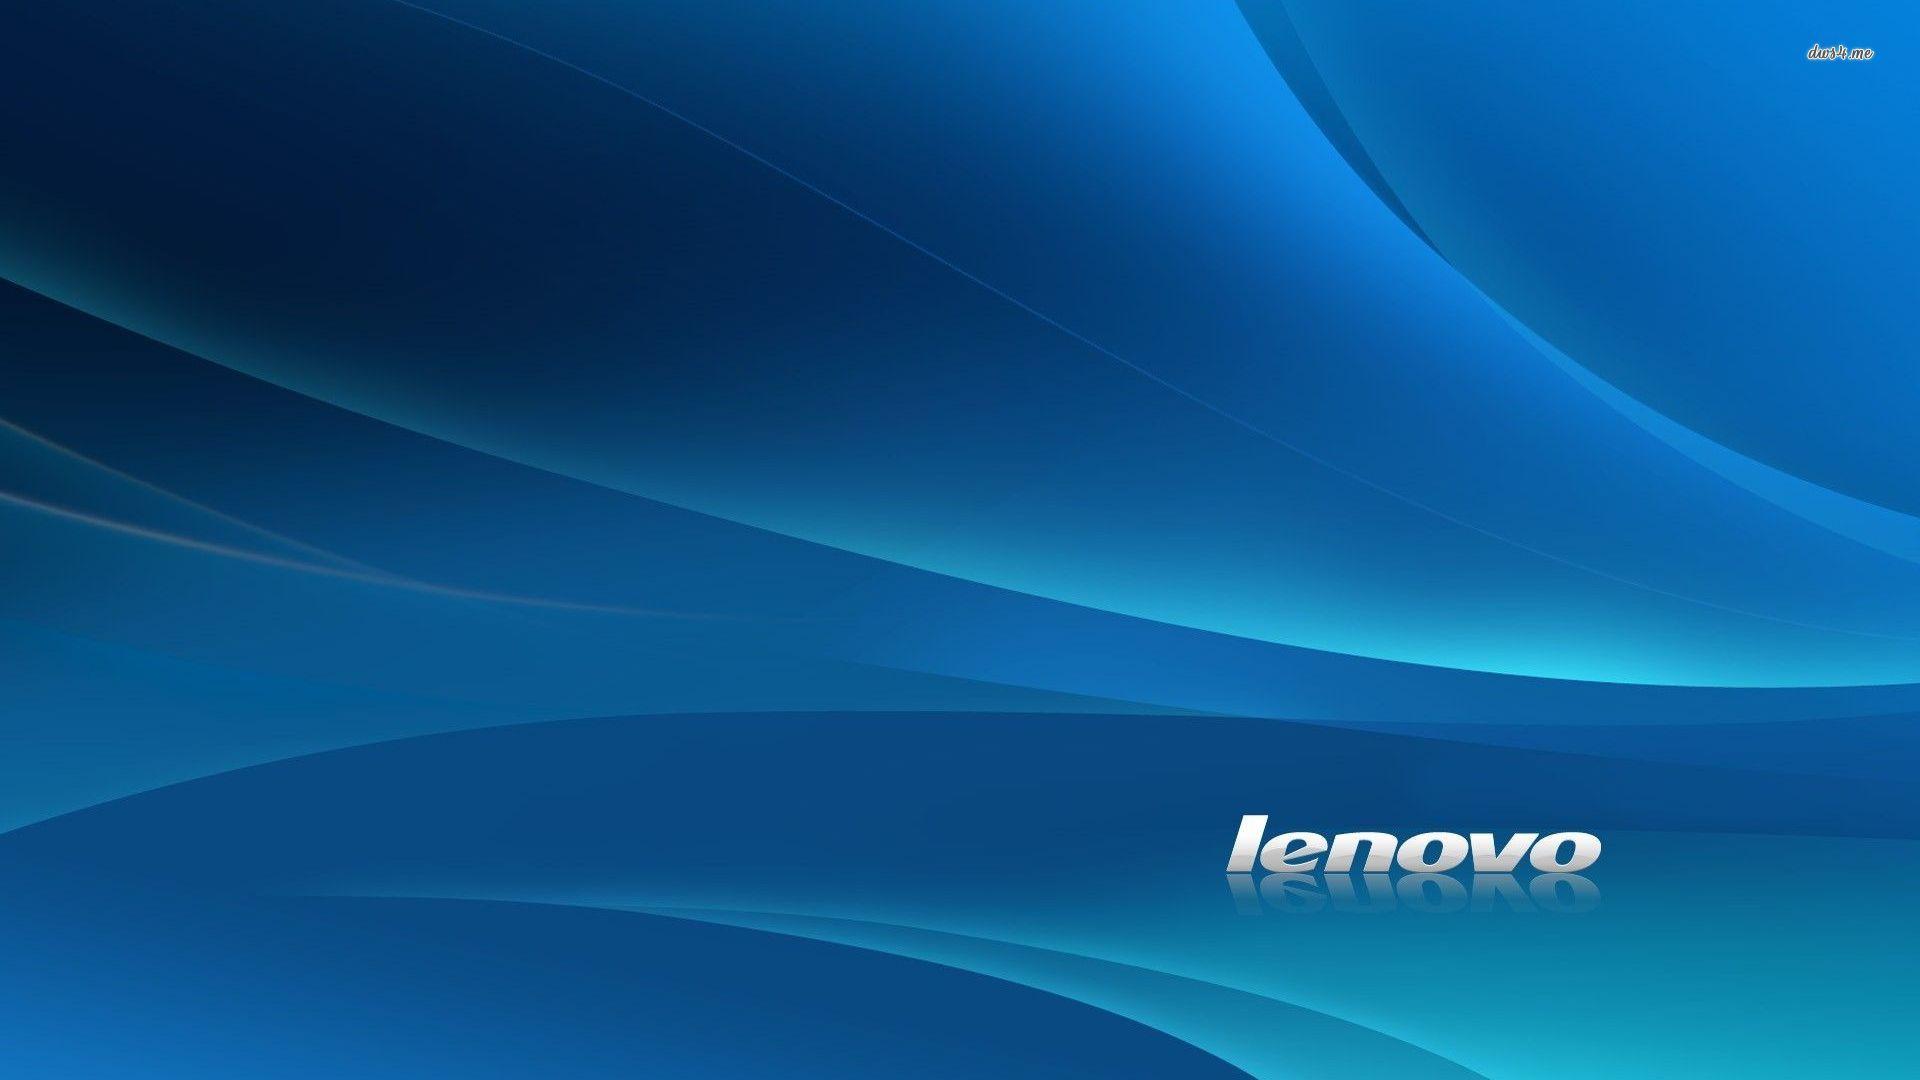 Lenovo Logo Wallpaper: Lenovo 4K Wallpaper